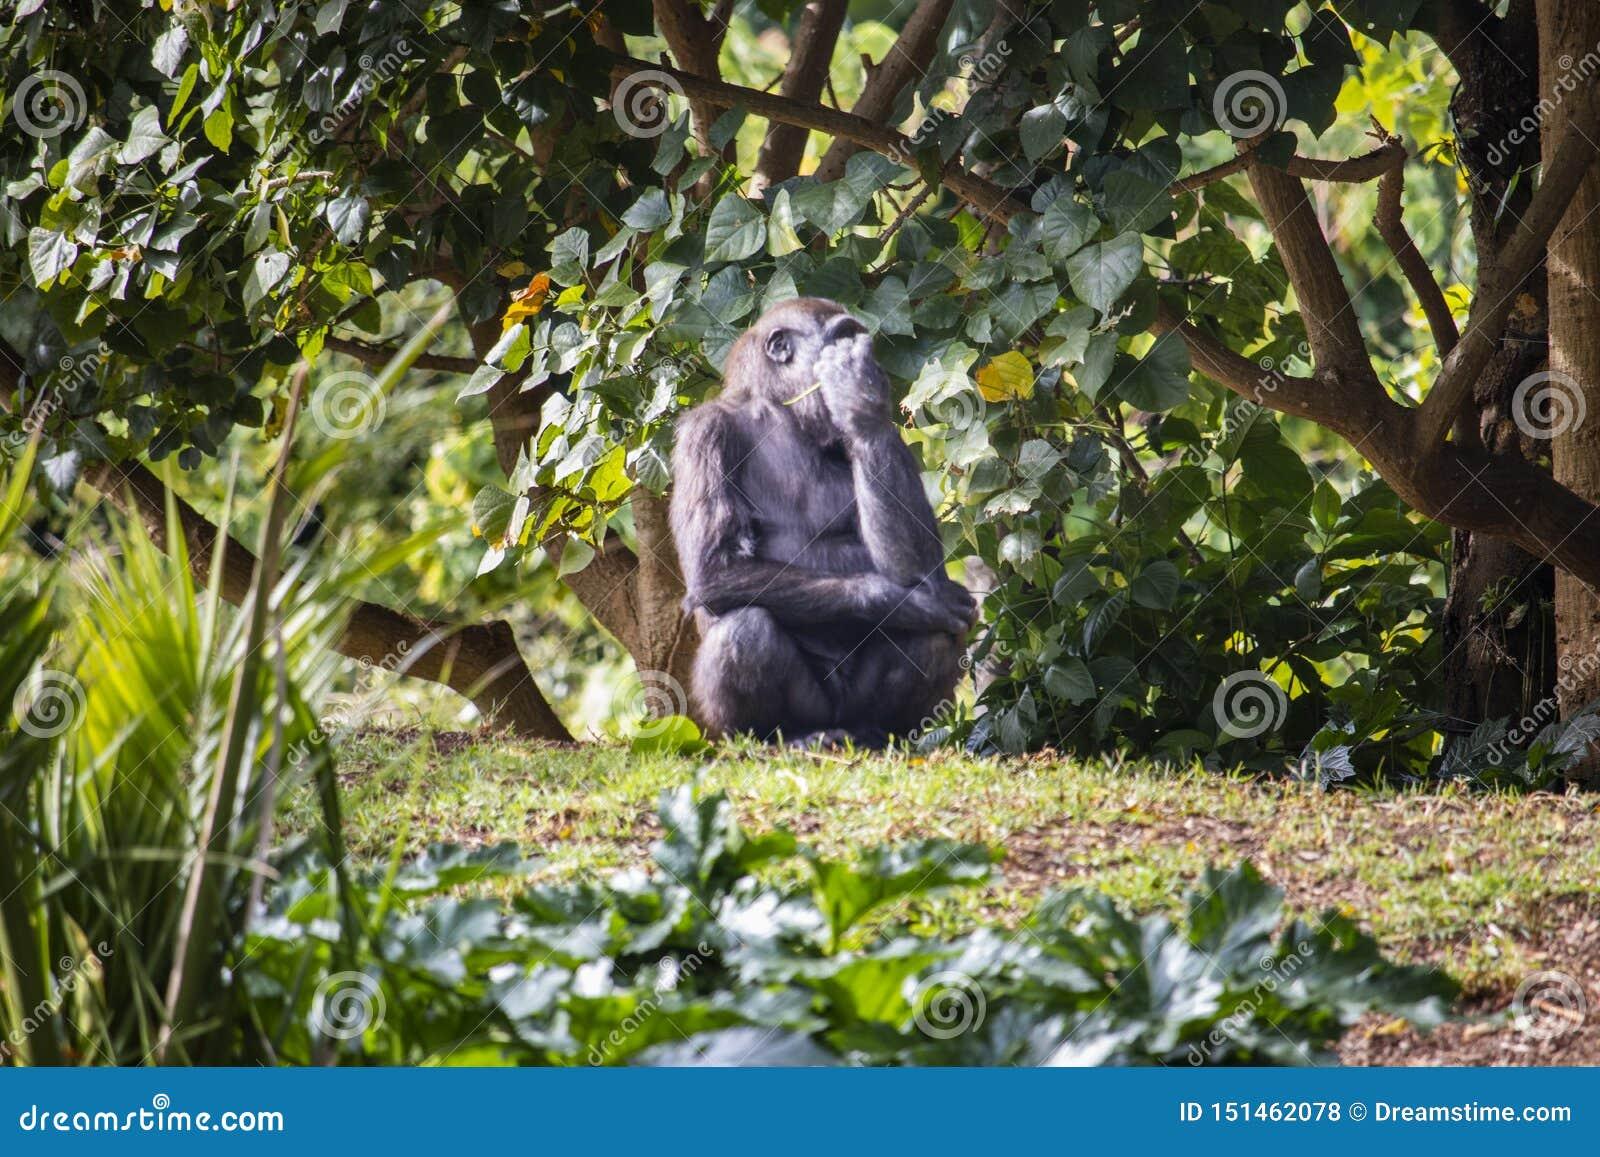 吃叶子的幼小大猩猩